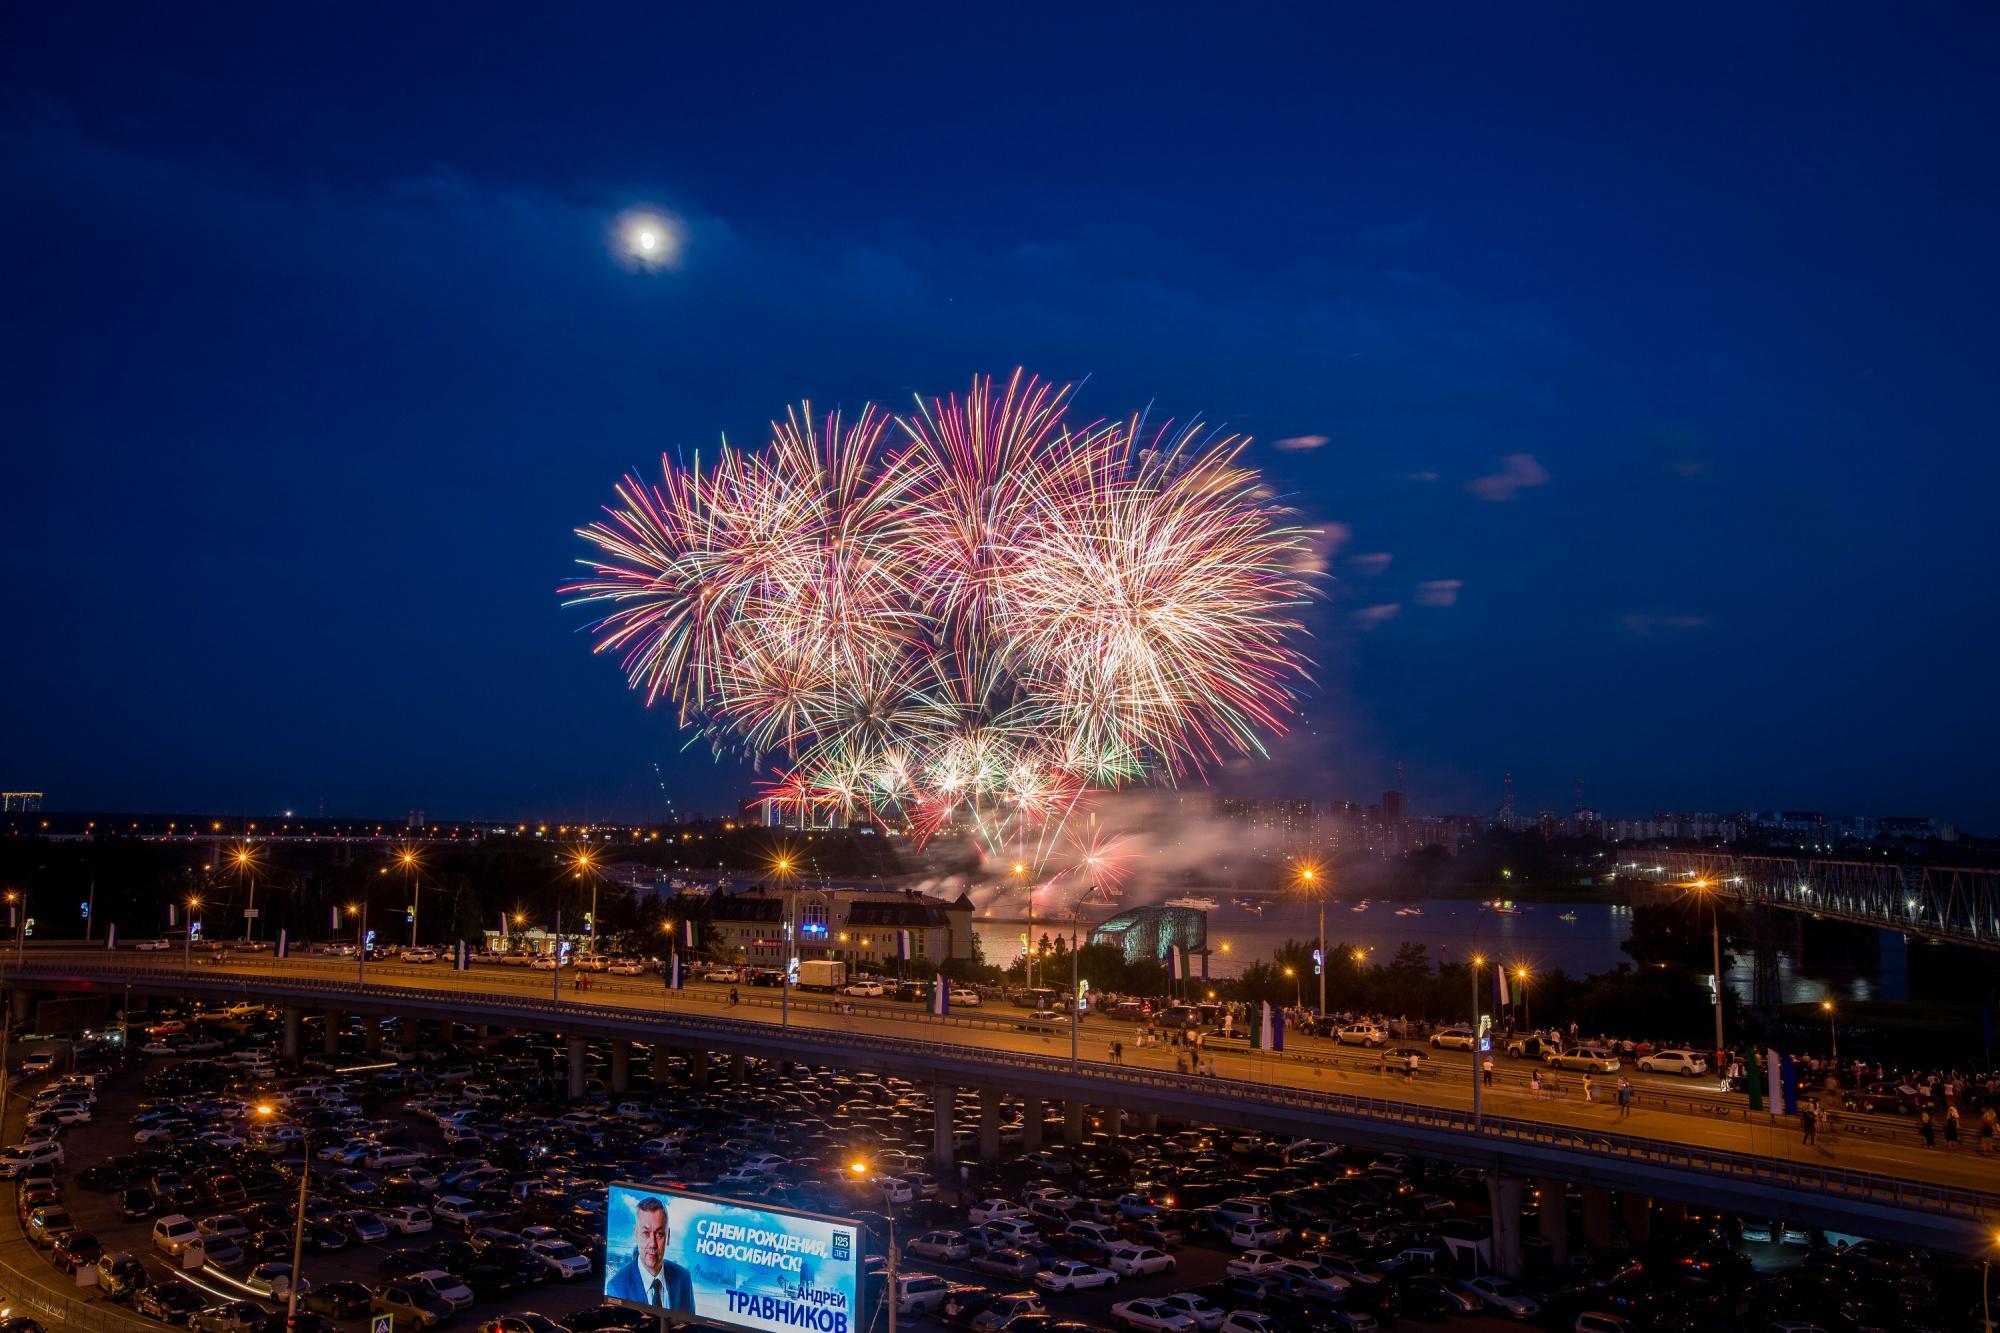 столице открытка к дню города новосибирска иваненко